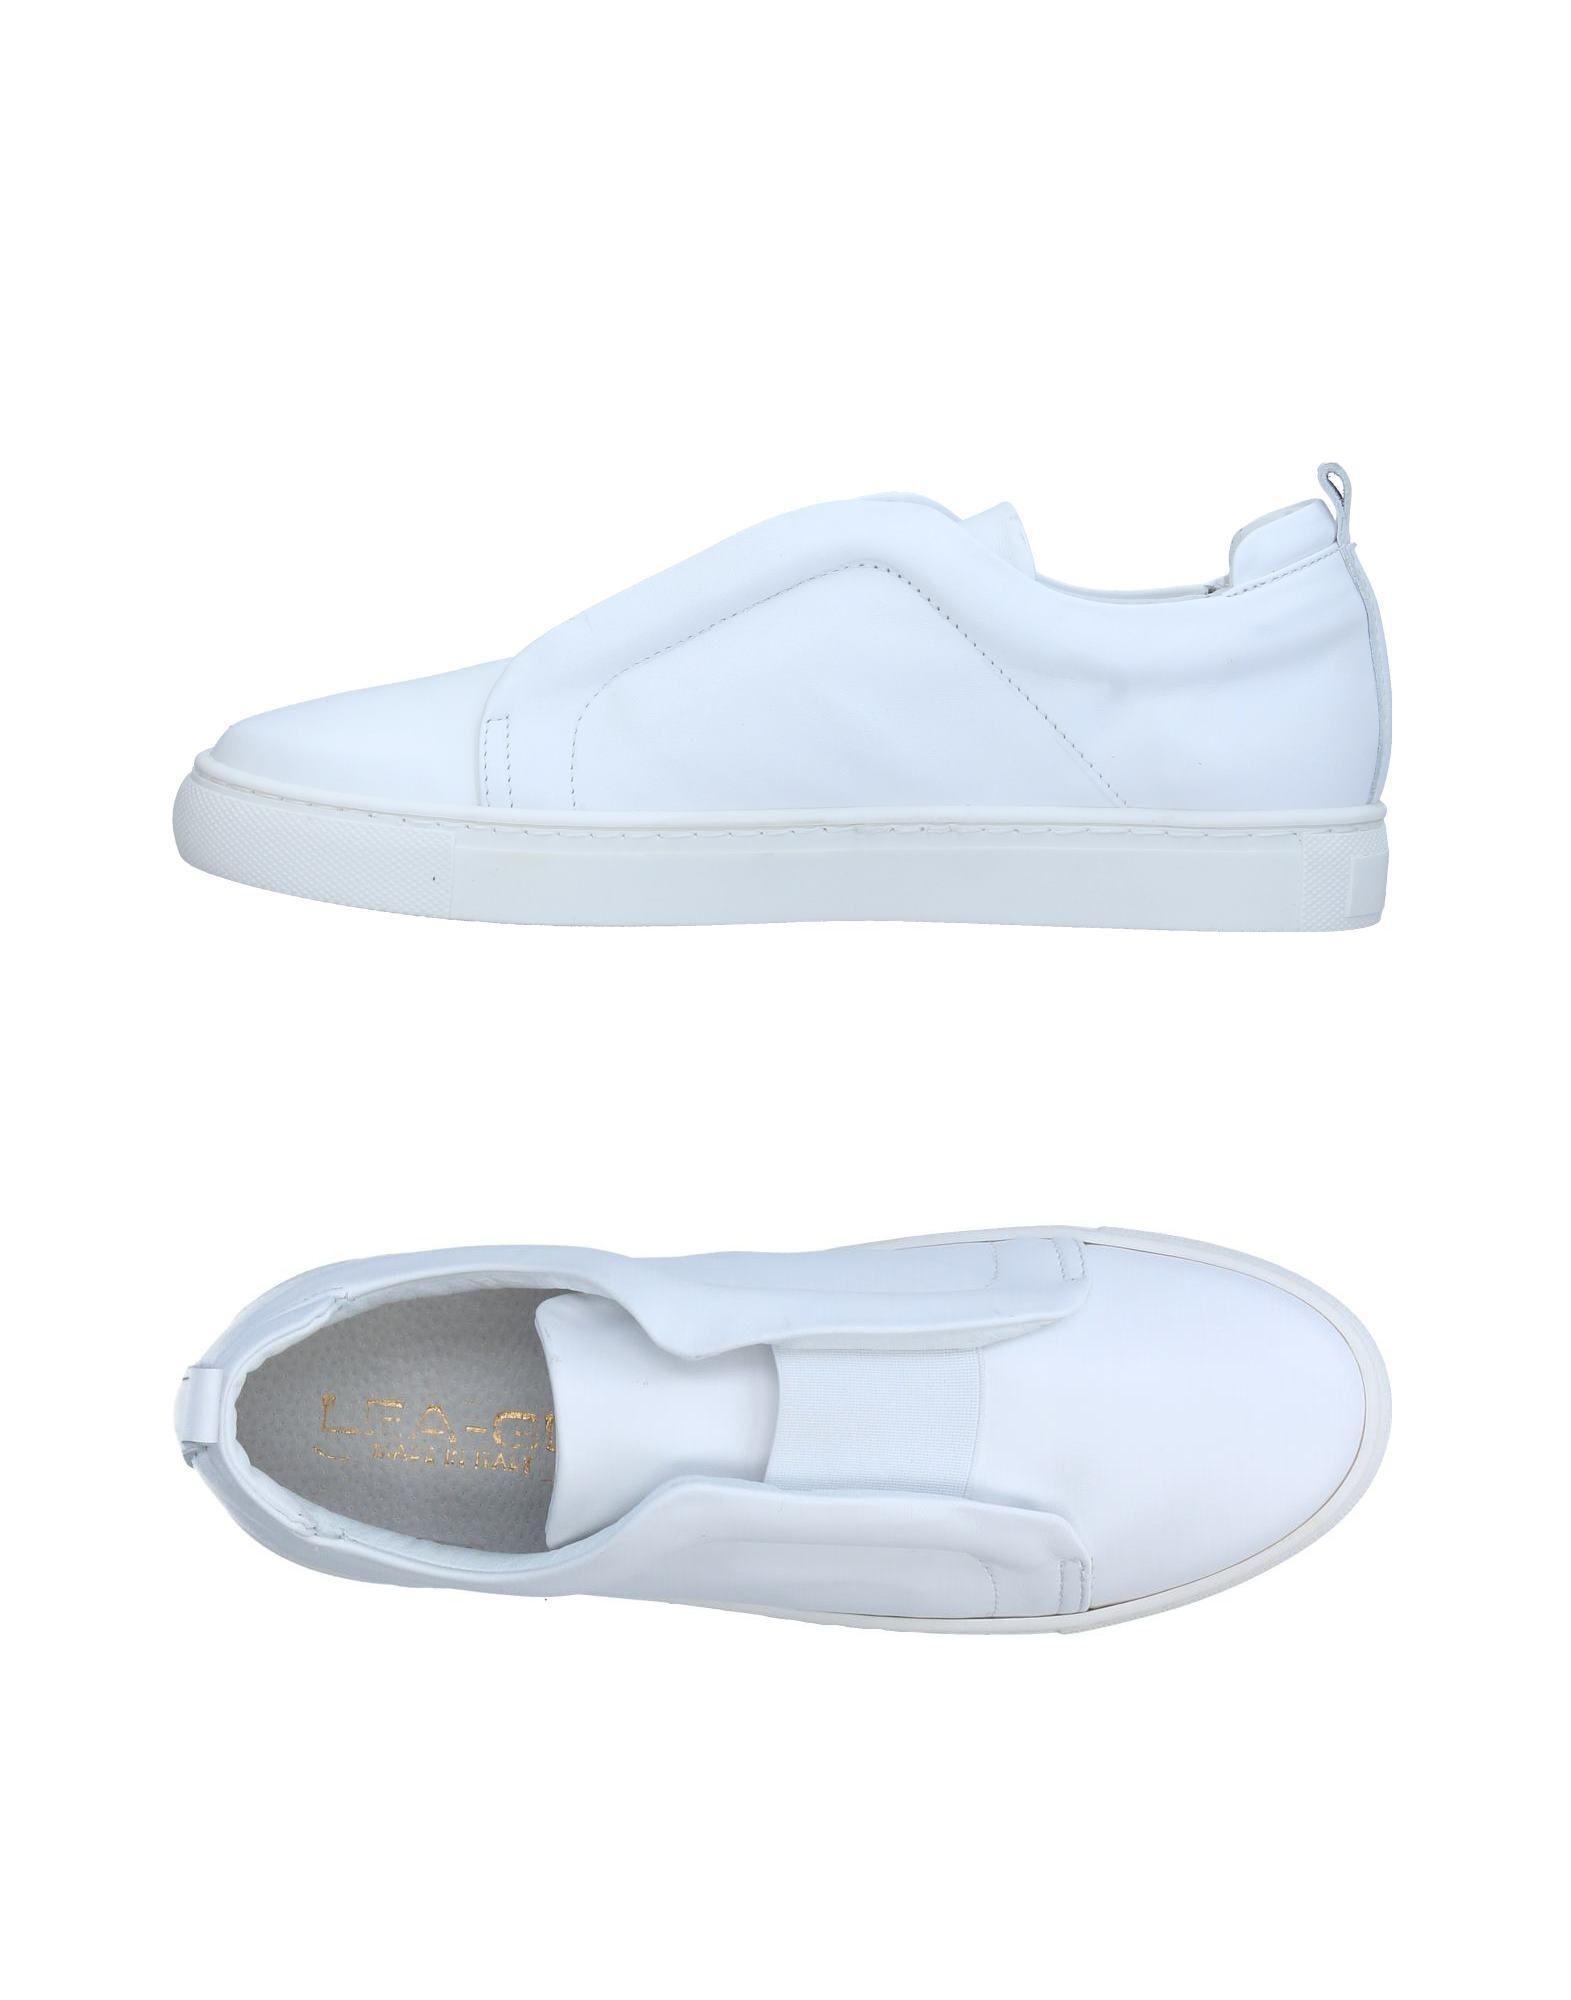 FOOTWEAR - Low-tops & sneakers Lea-Gu krQyh5oAK